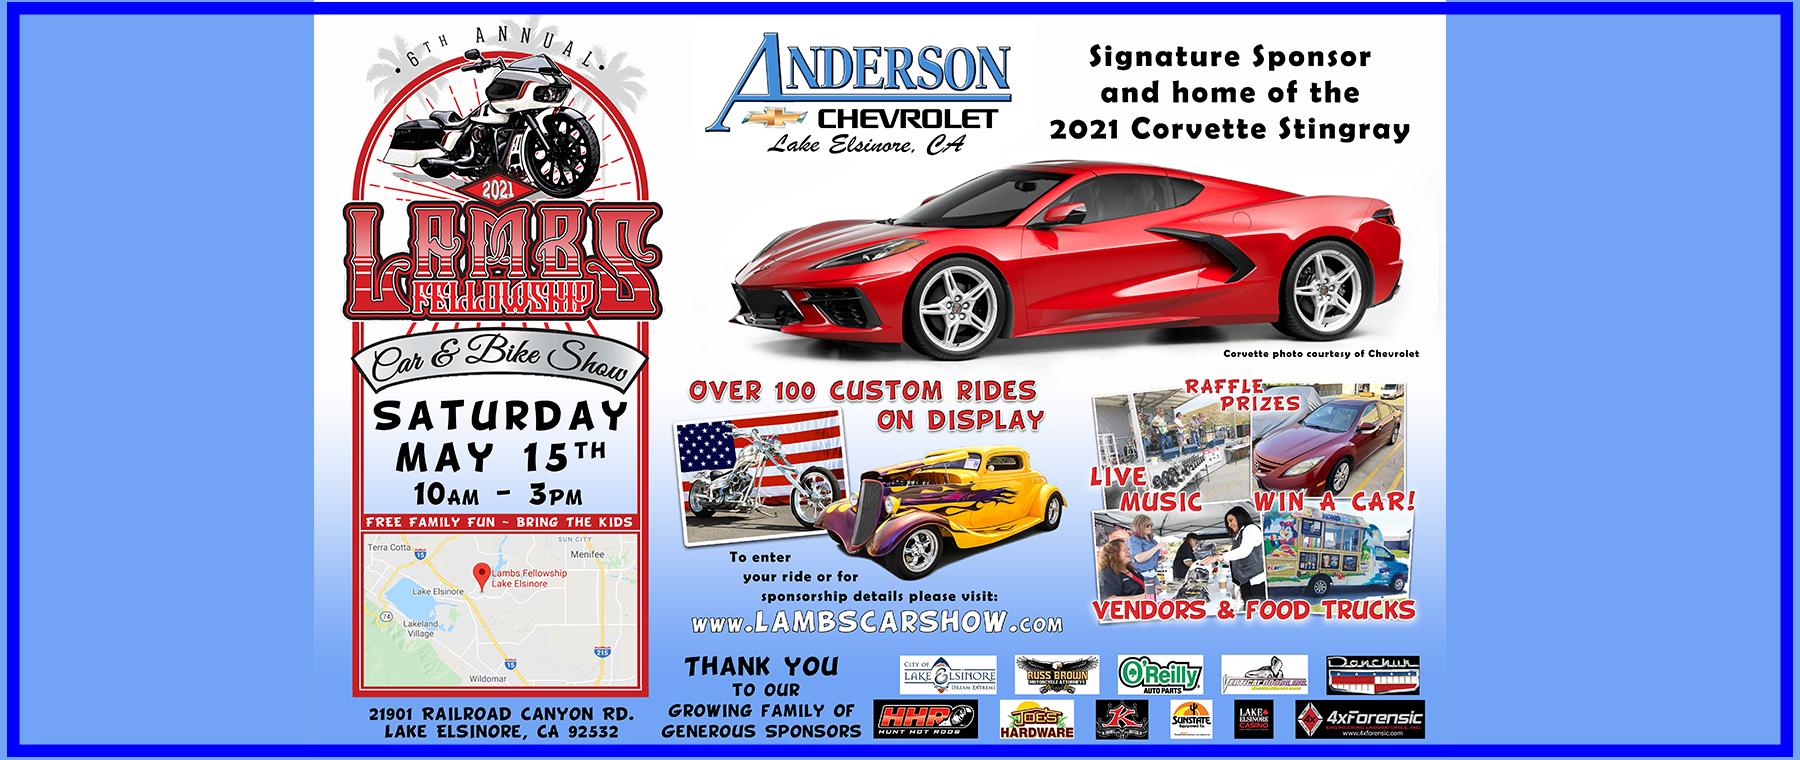 Anderson Chevrolet Lamb's Car Show